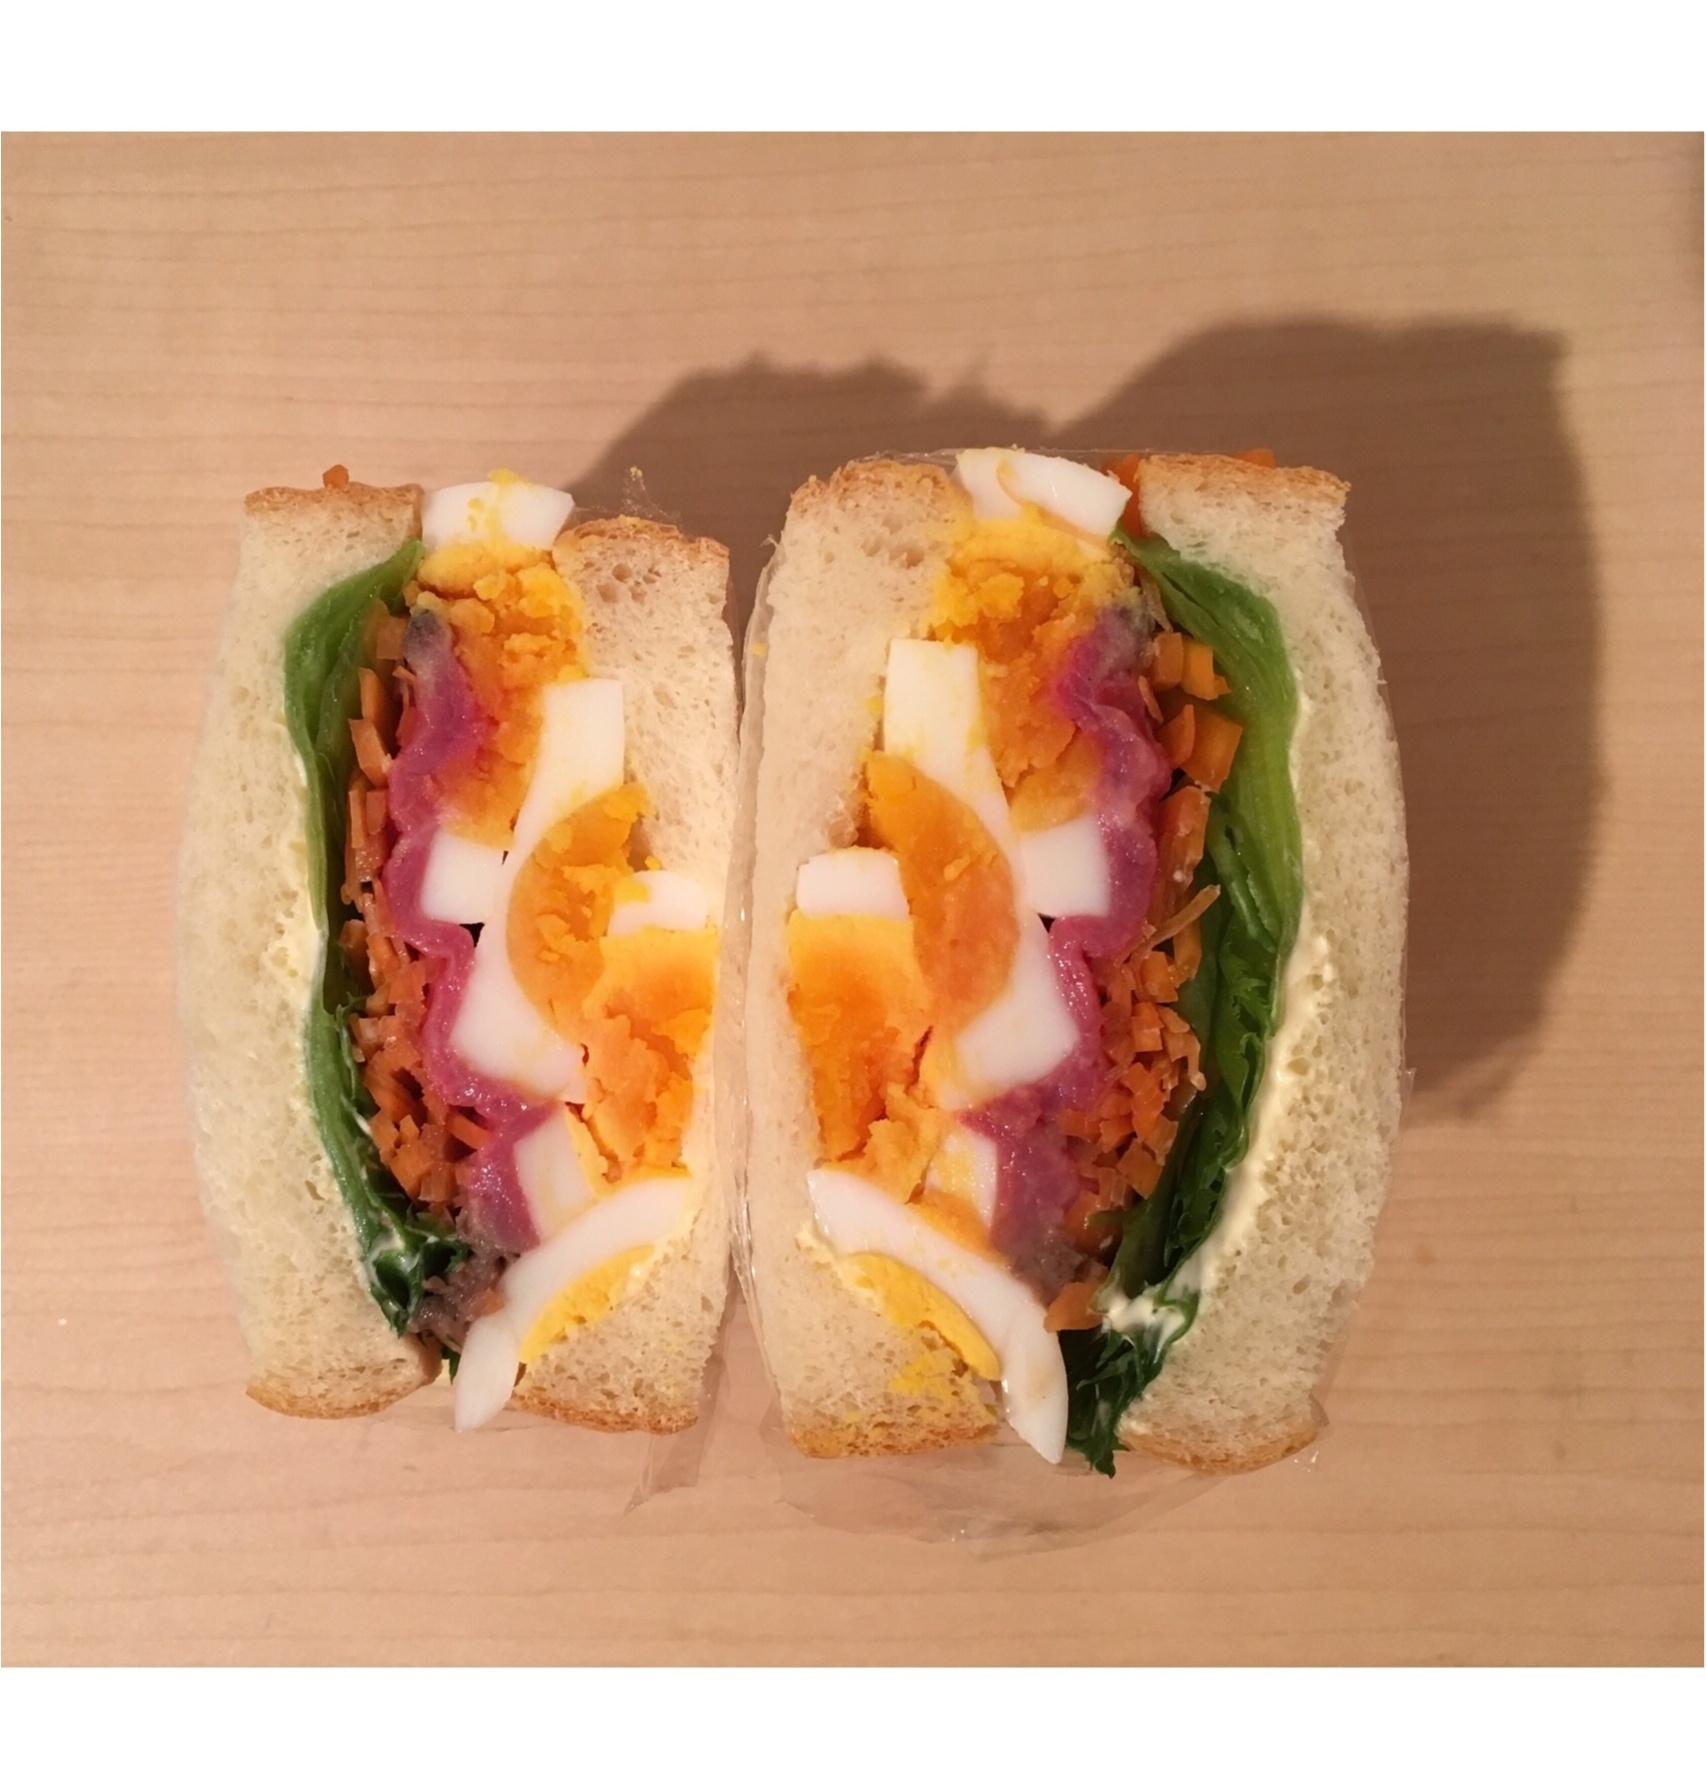 【料理▶︎わんぱくサンド】流行りの「#萌え断」で朝から栄養満点♪私の朝食まとめ☺︎_6